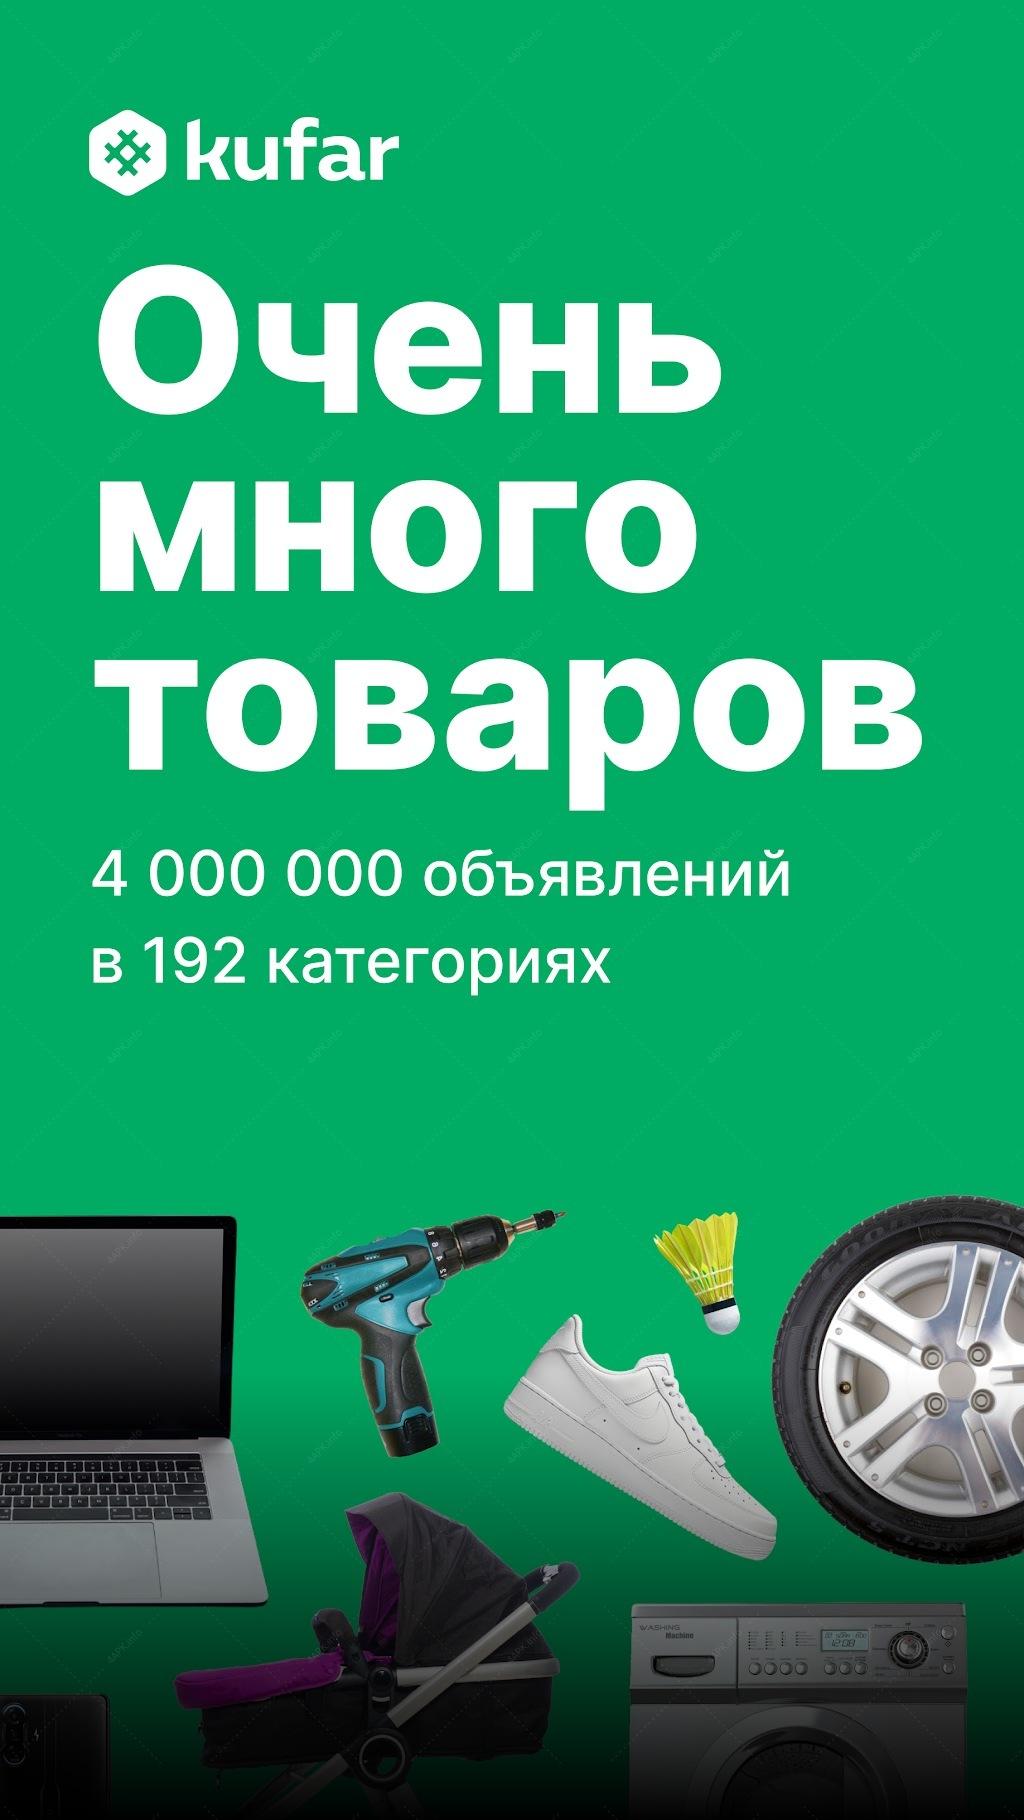 Kufar - бесплатные объявления screenshot